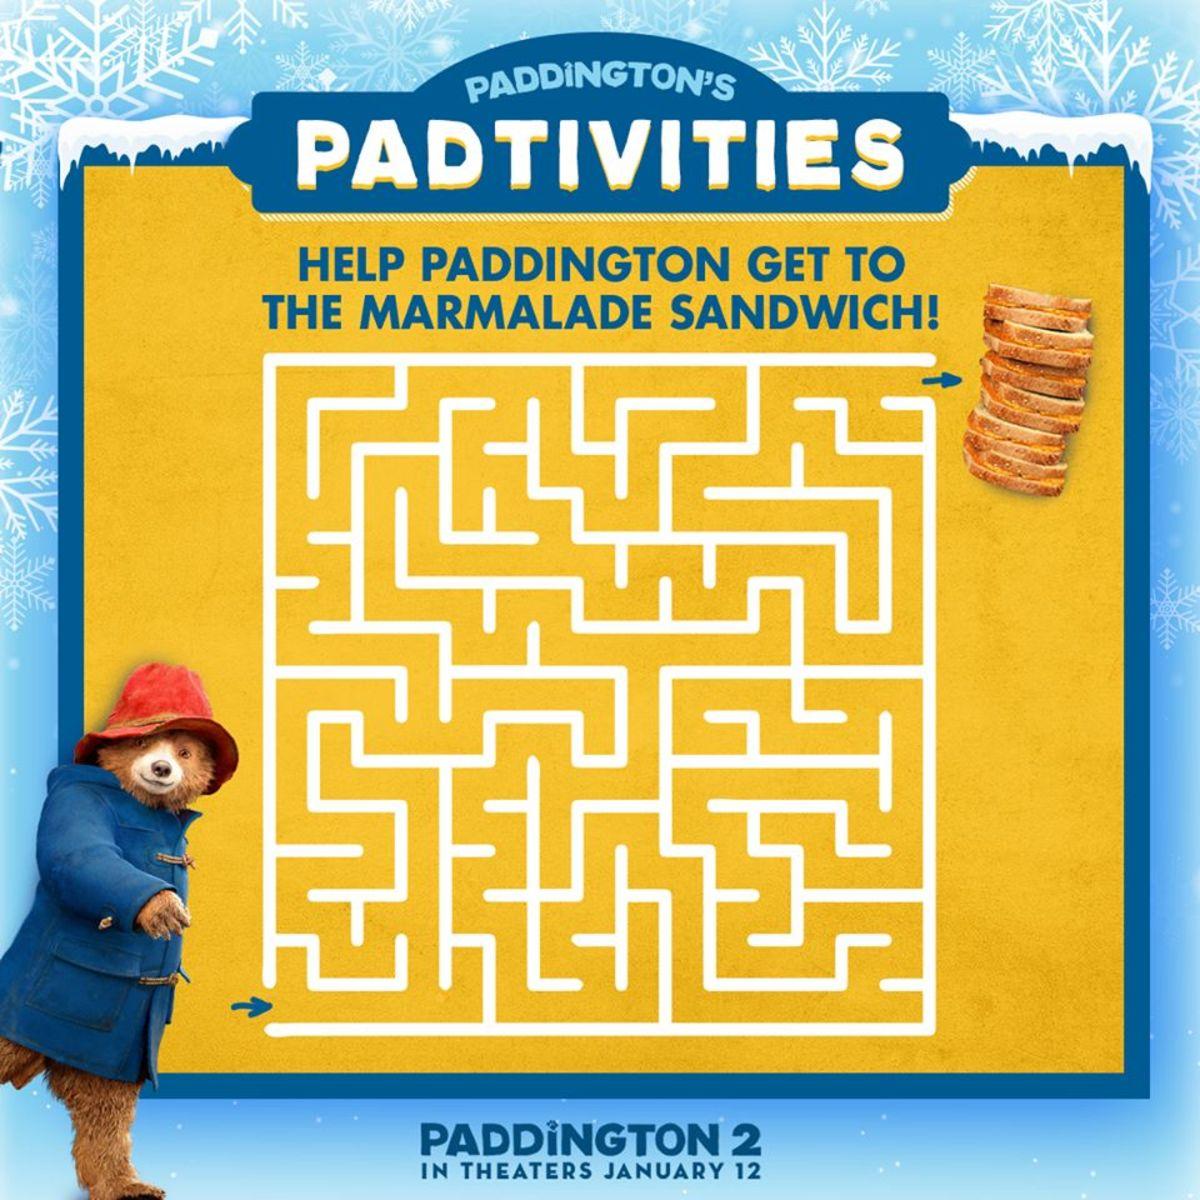 Paddington2-Activities